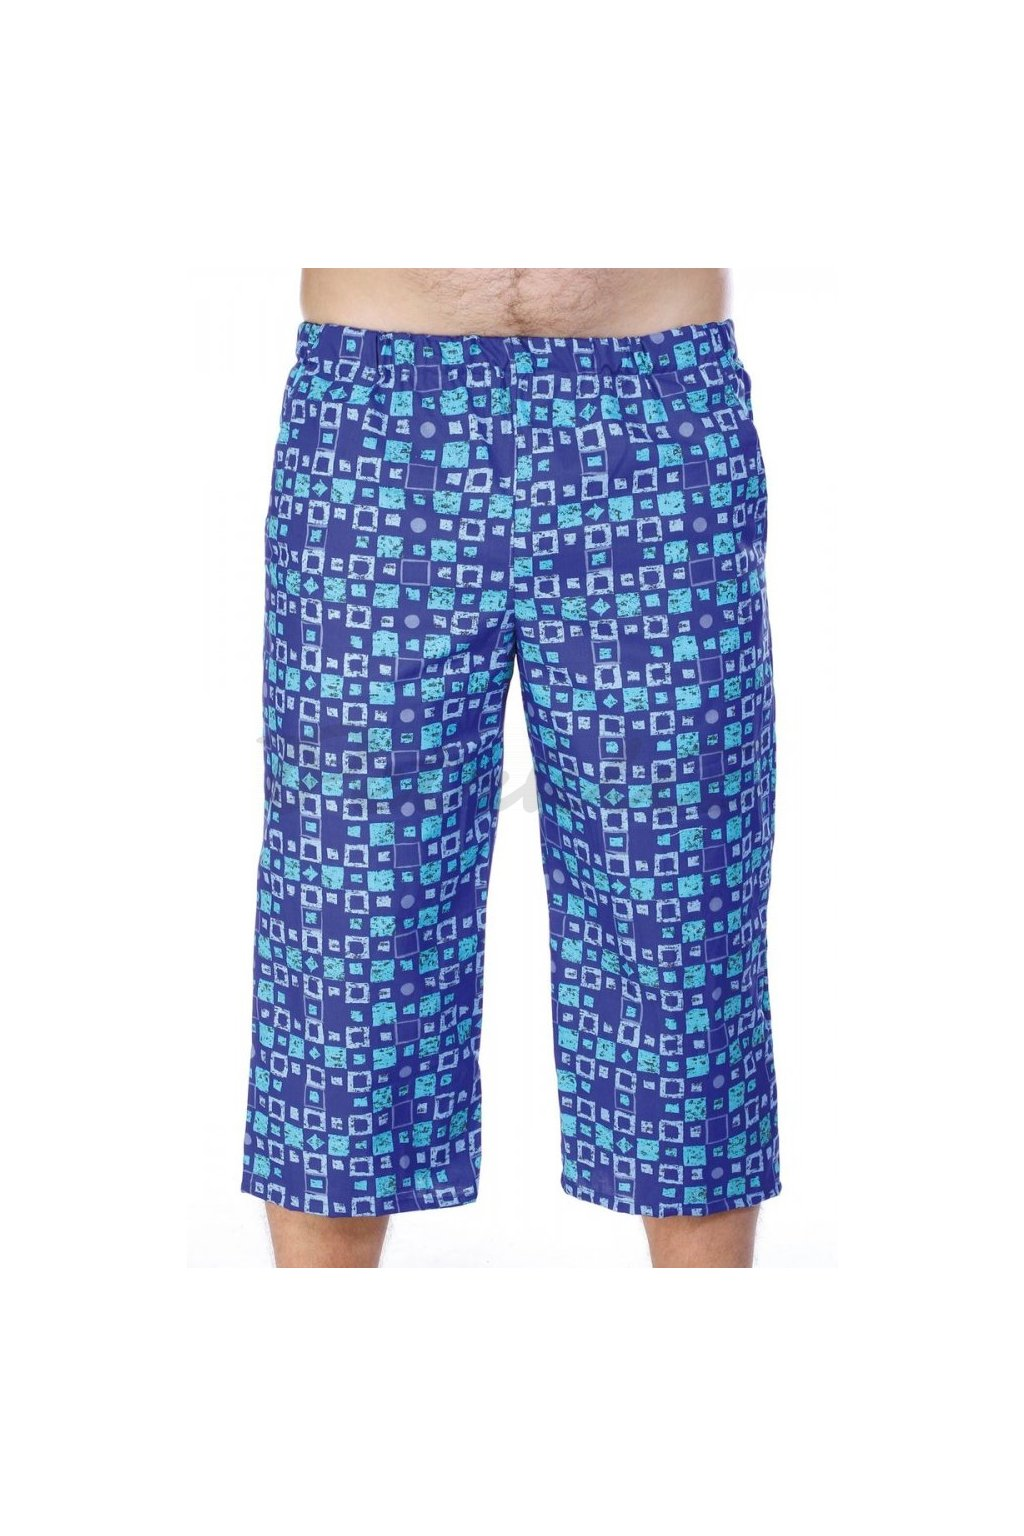 CAPRI - pánské bavlněné kalhoty